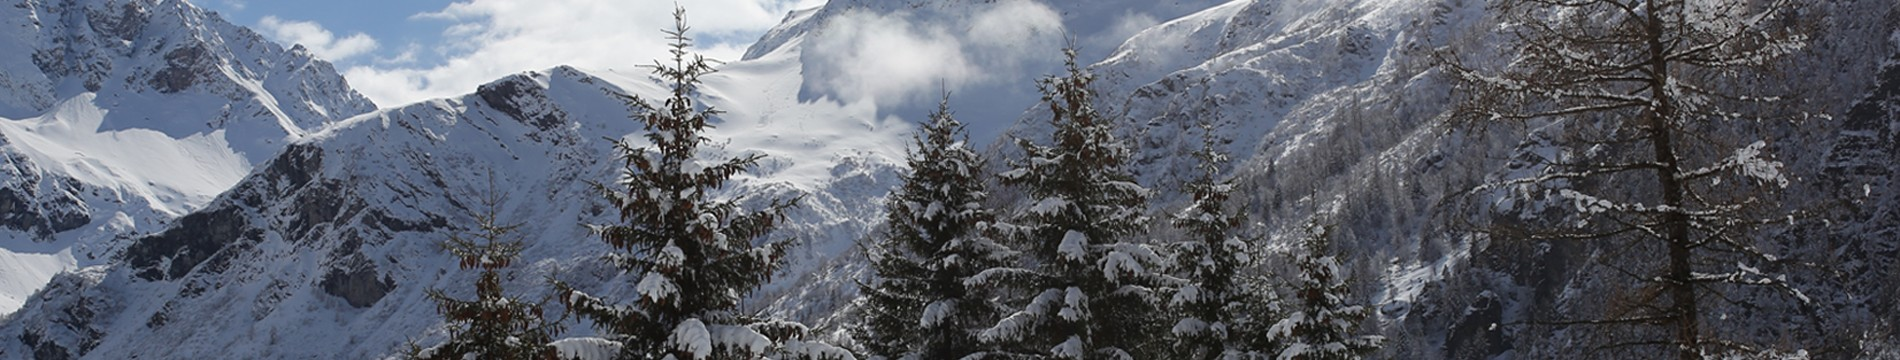 tetiere-ingenie-hiver-7-6961